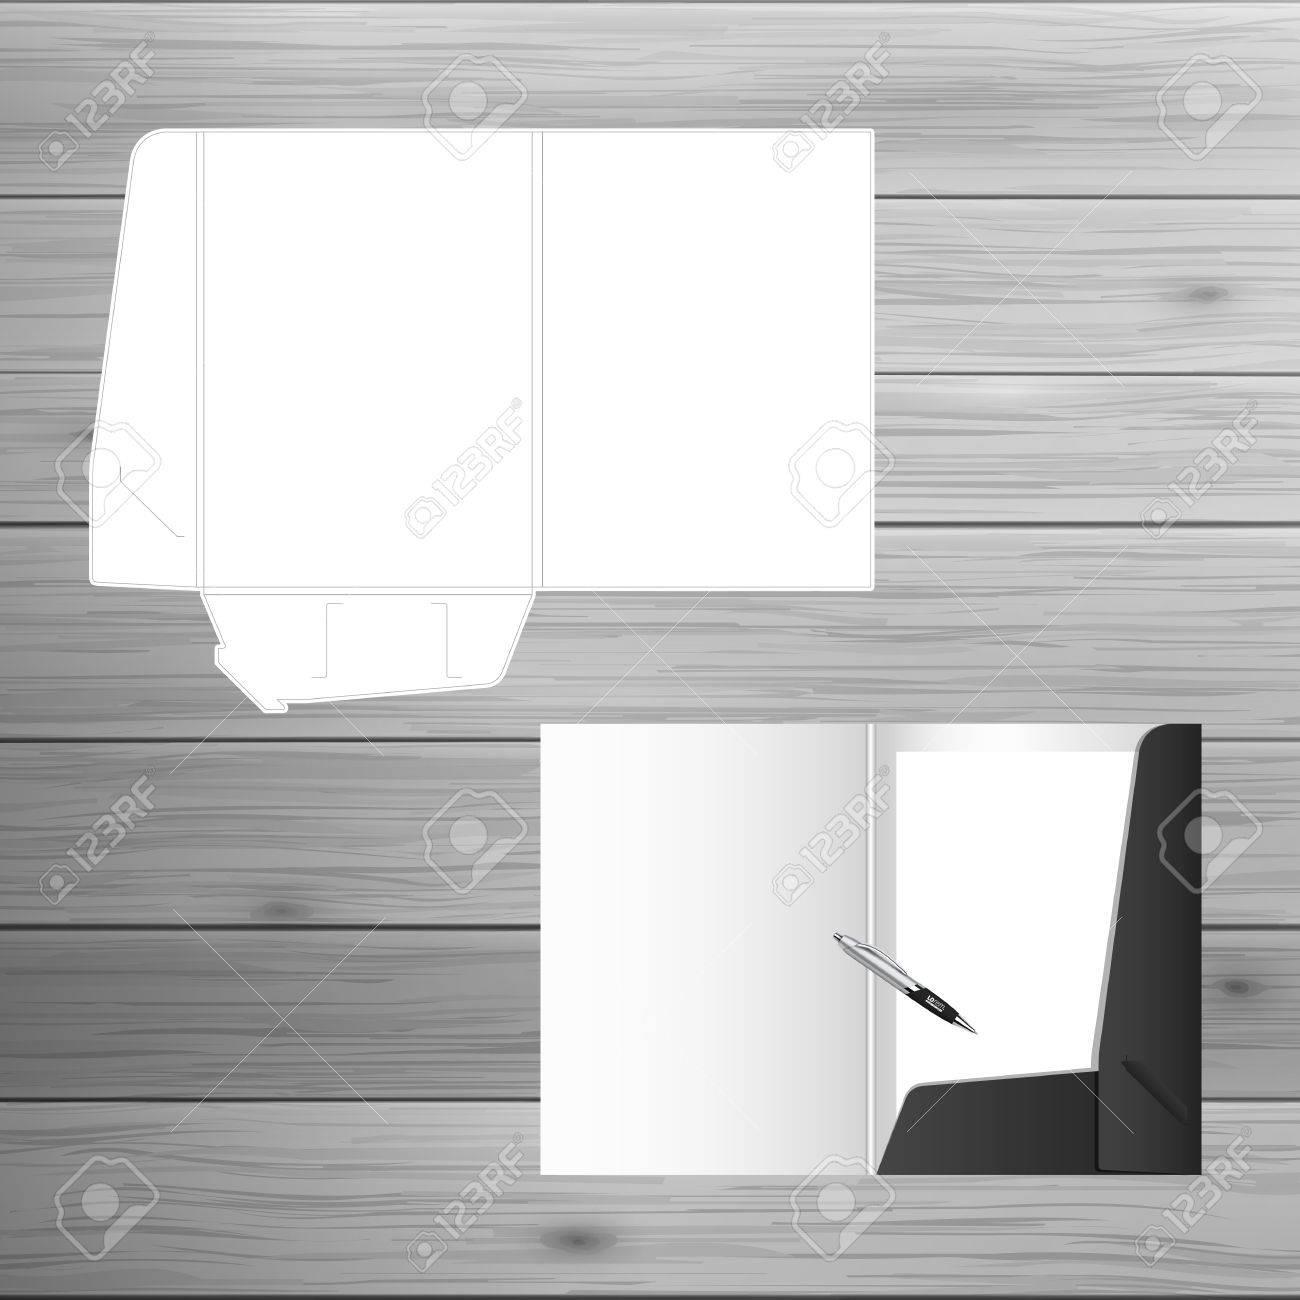 Vorlage Für Werbung Und Corporate Identity. Ordner öffnen. Blank ...